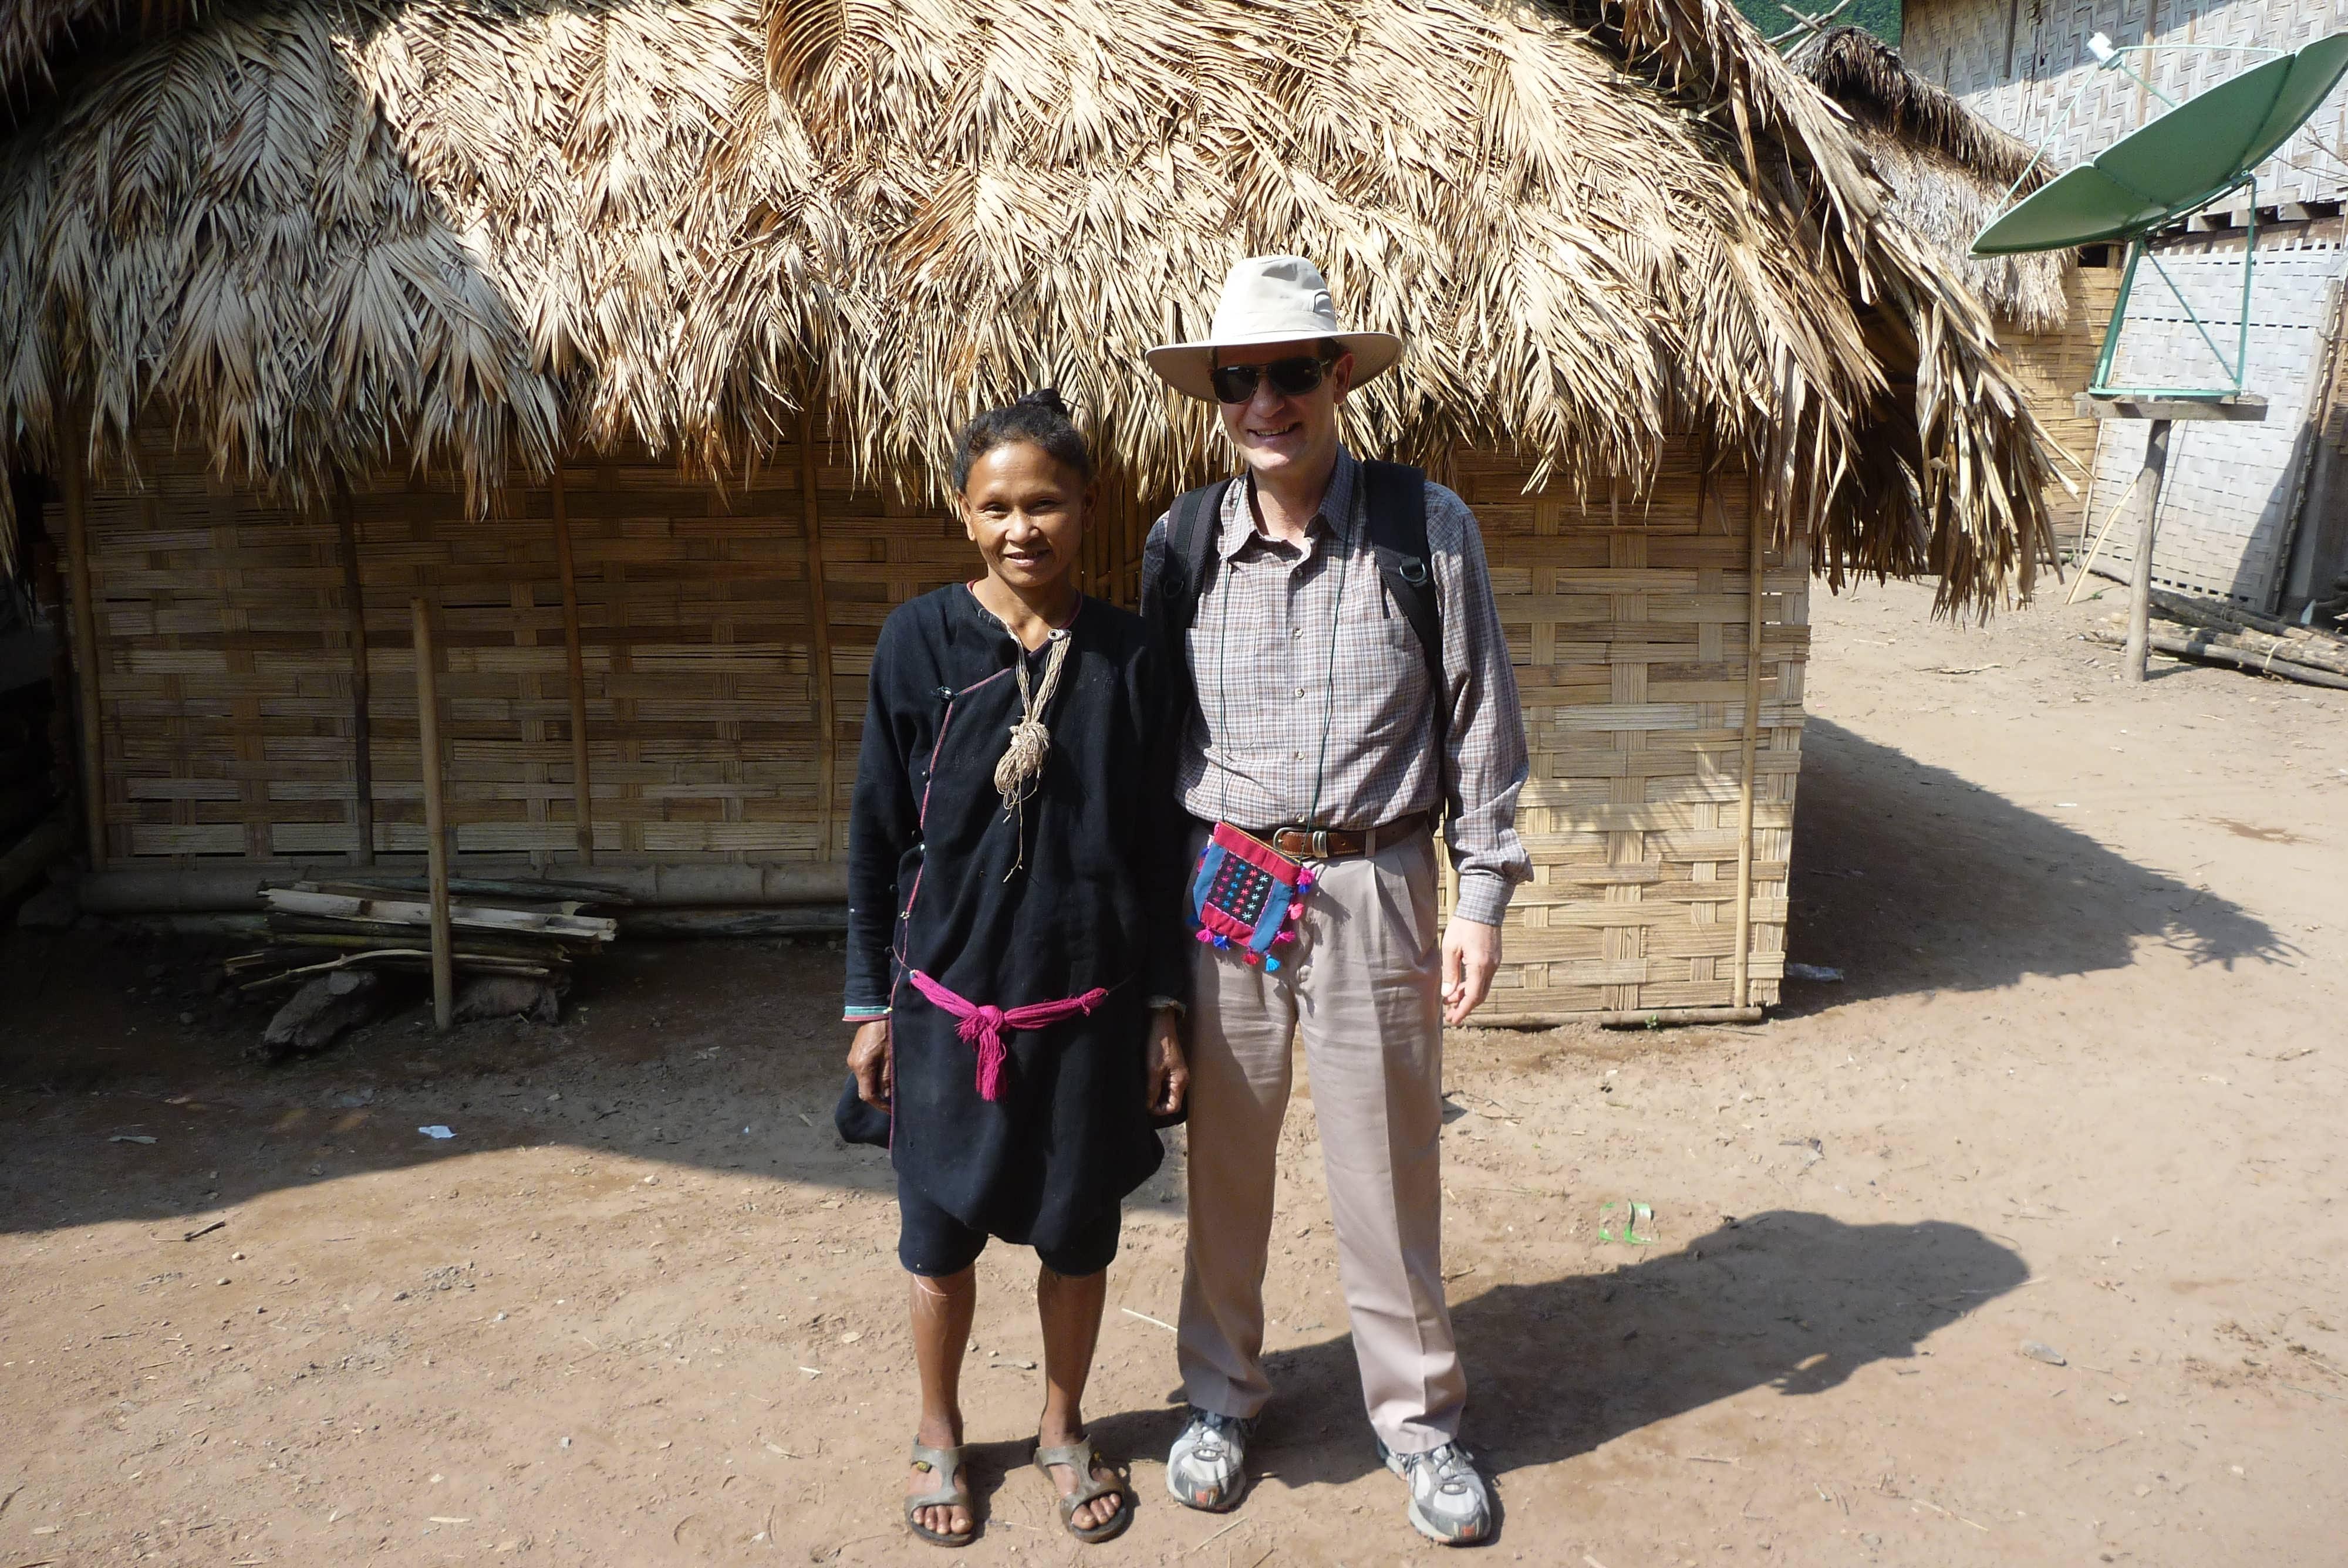 Ban Soptud Lanten village in Luang Namtha